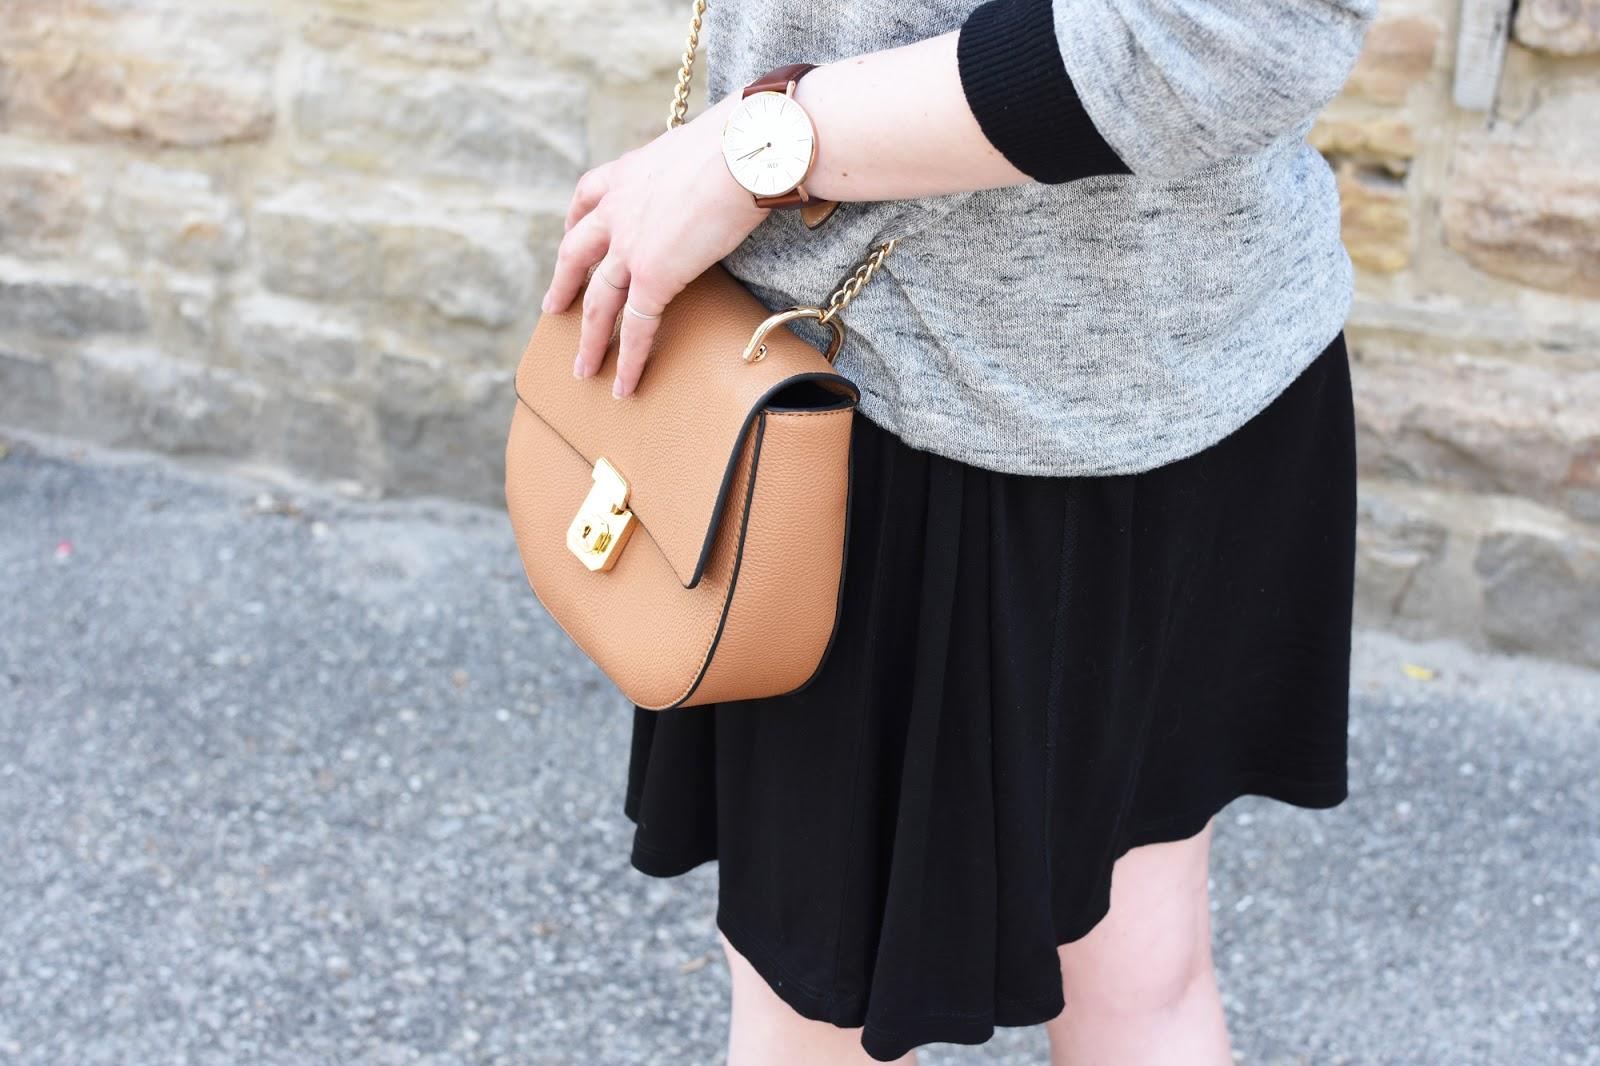 OOTD ft. Zara dress under an Aritzia sweater, Zara heels, Forever 21 bag, and Warby Parker aviators